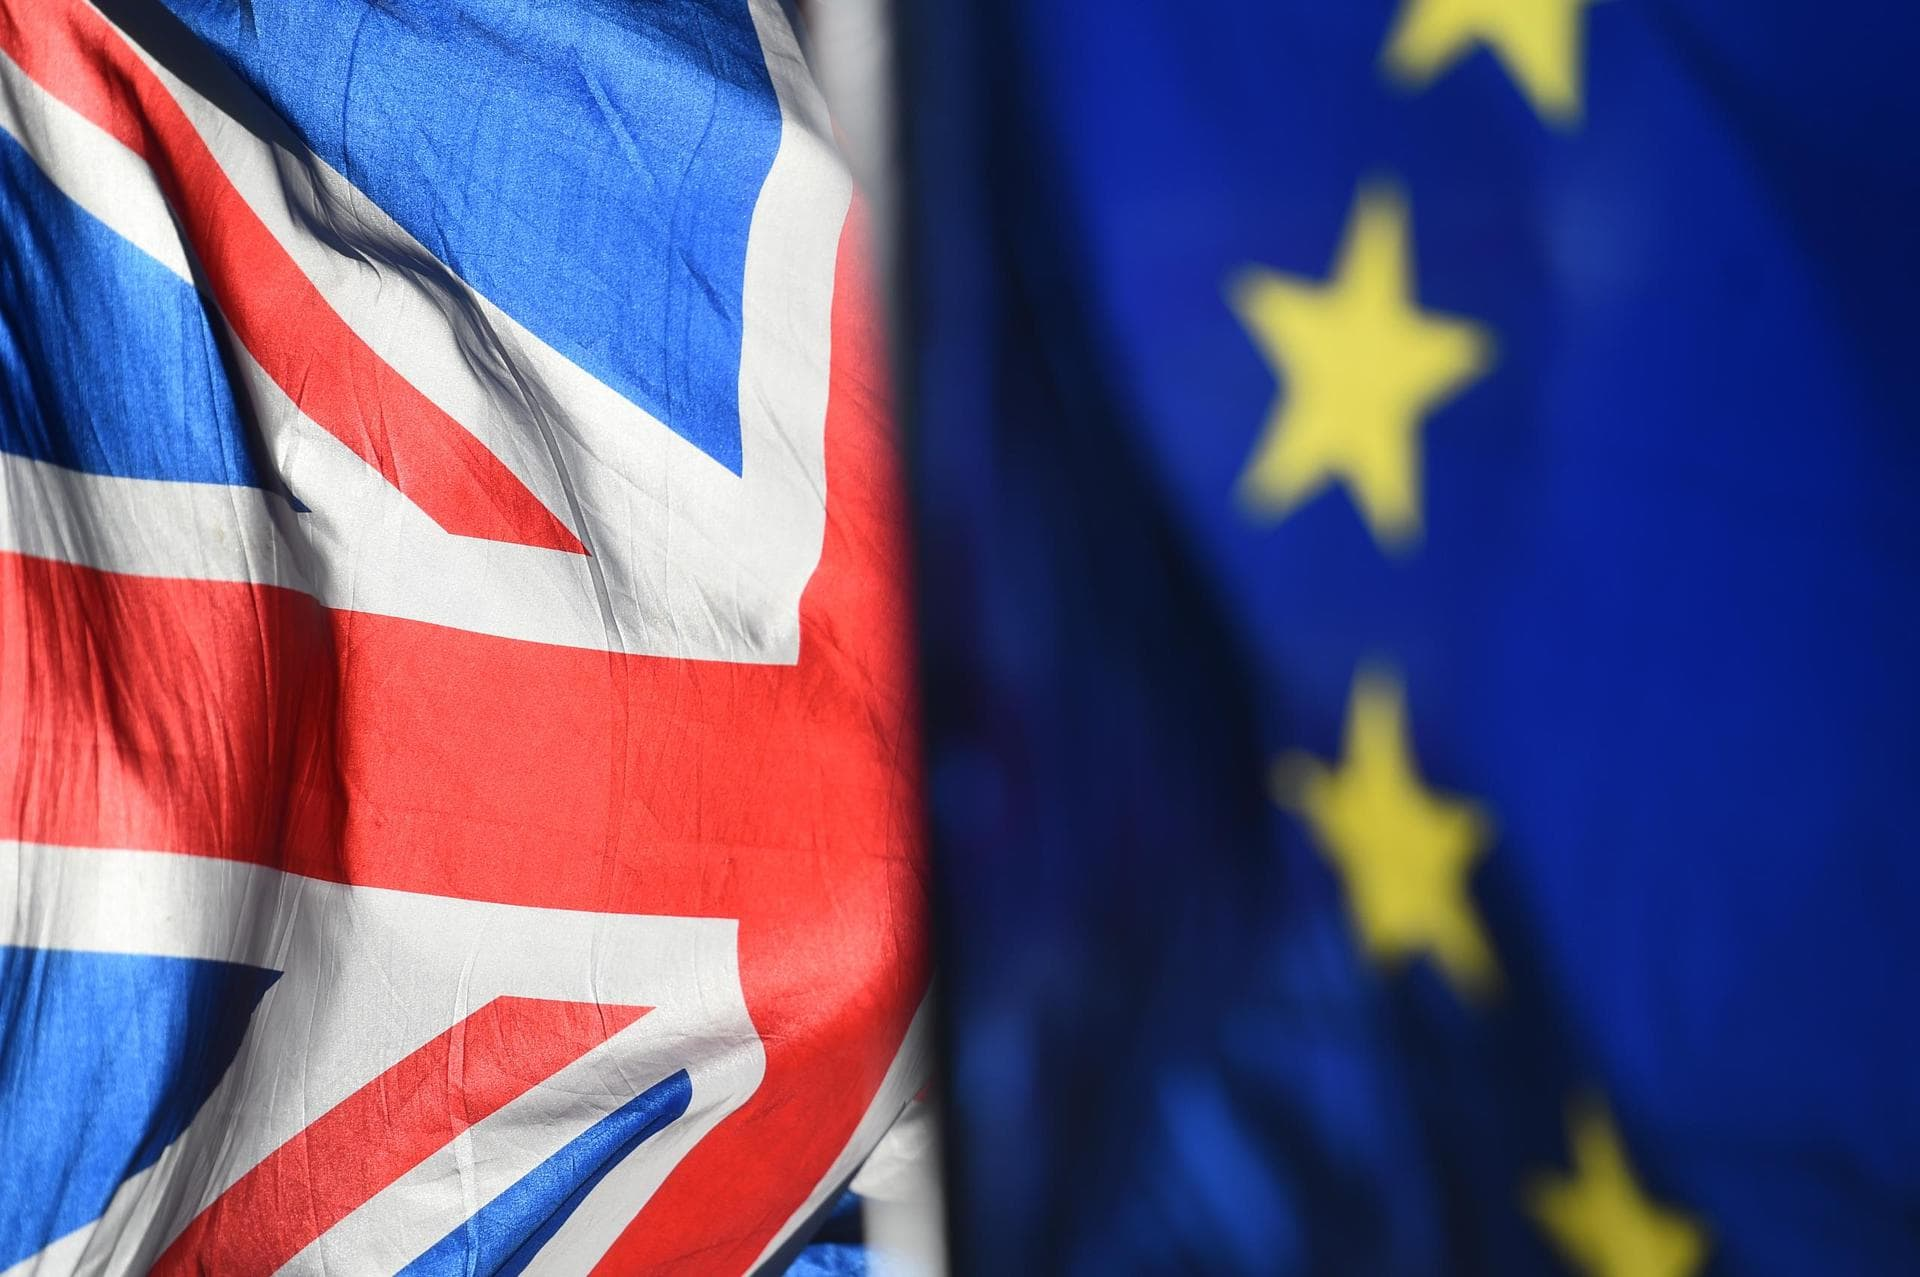 Zähe Brexit-Gespräche gehen weiter Chancen auf Handelspakt sinken